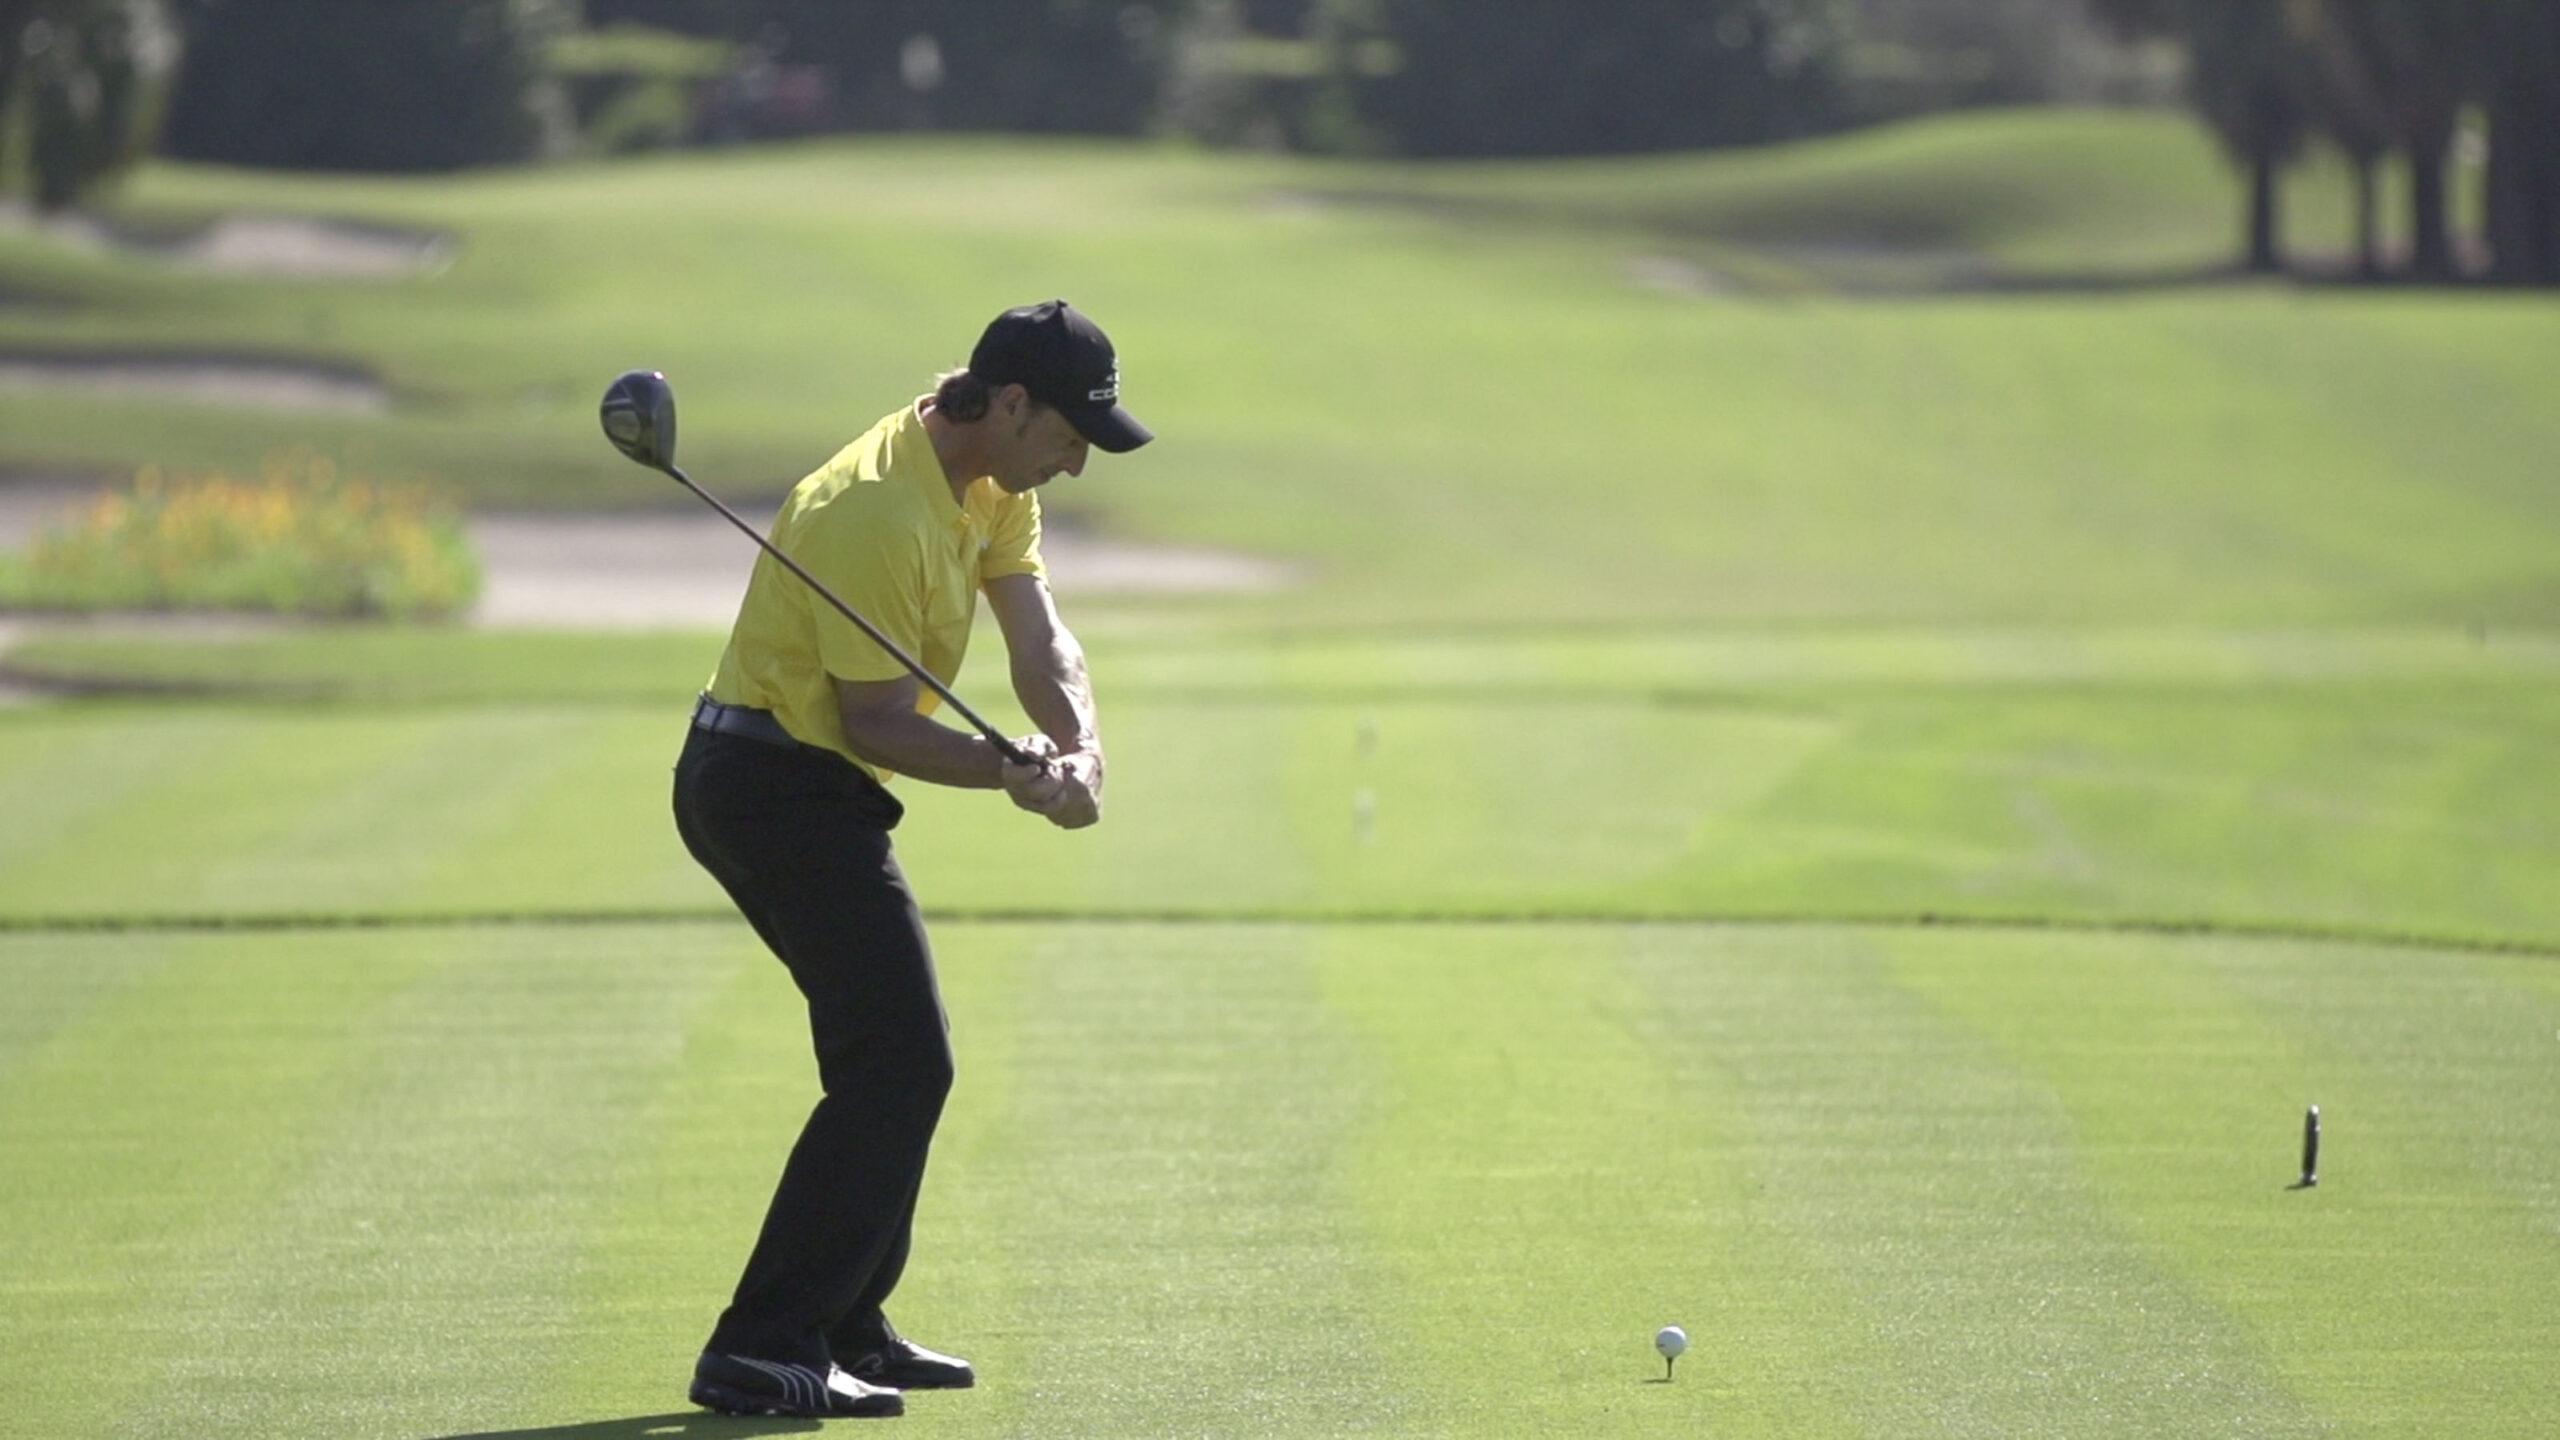 Jugend Golf – Jugendtraining